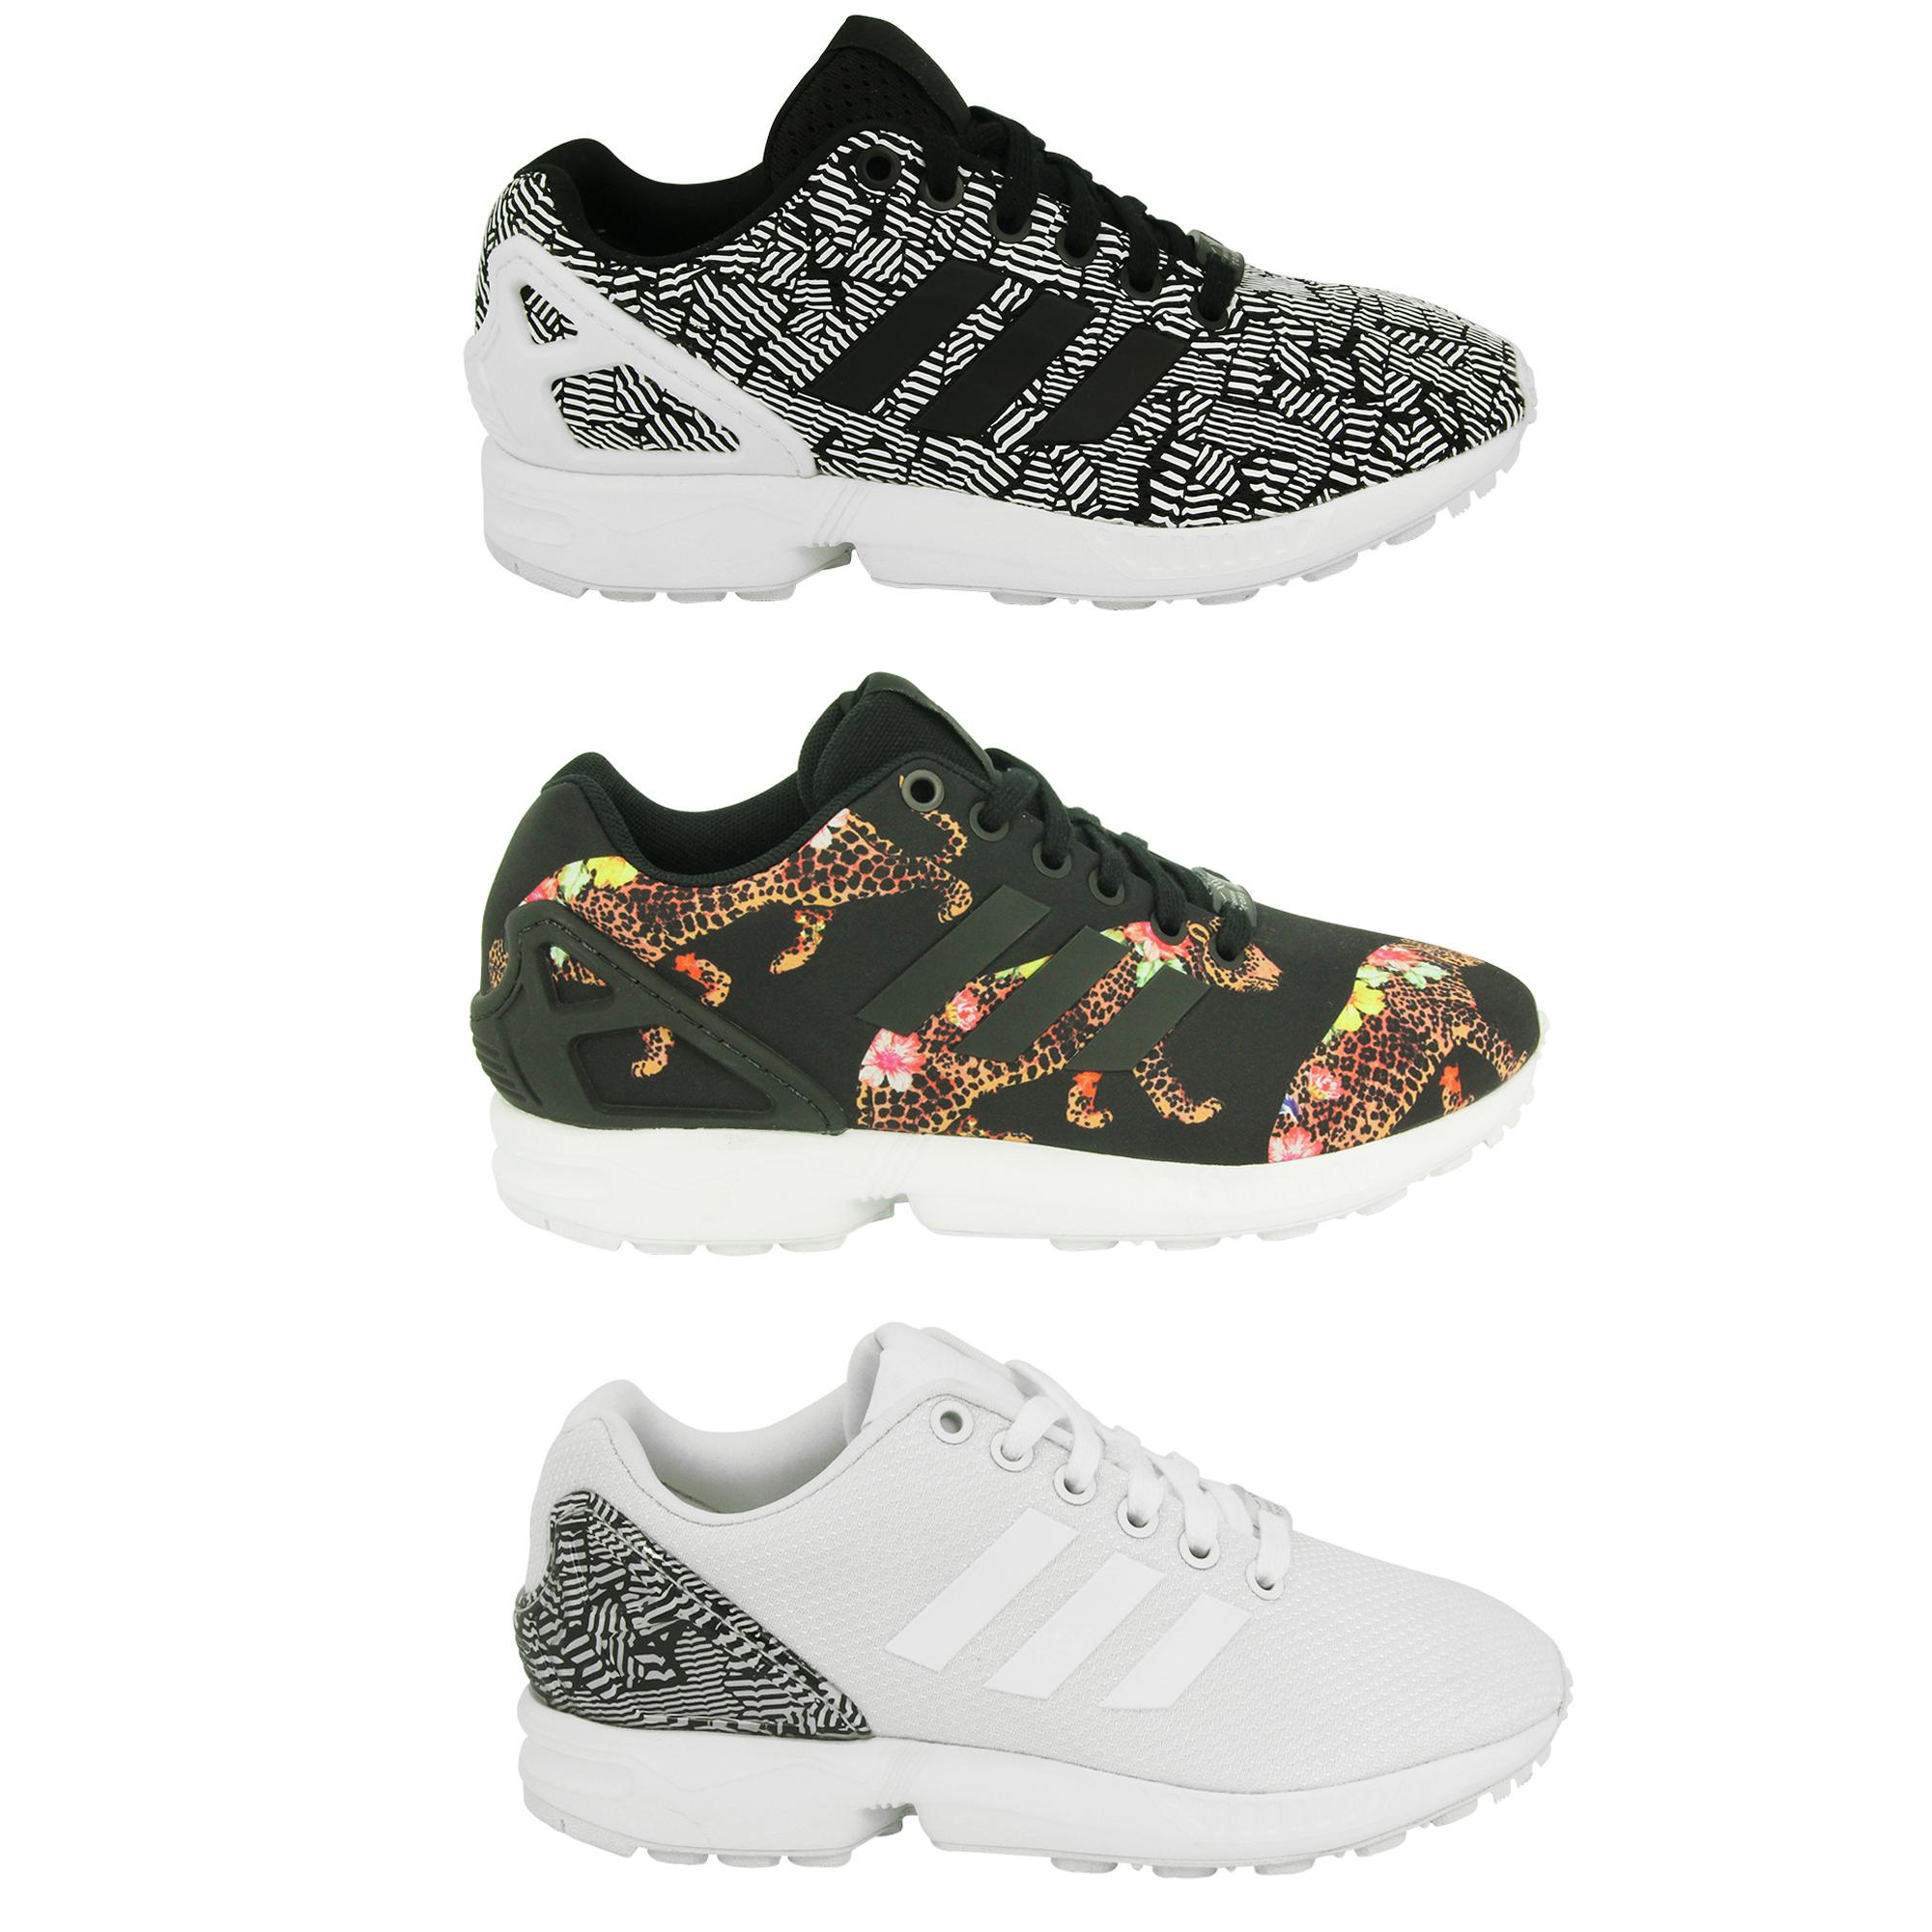 outlet store a29ea 24061 Adidas-Originals-ZX-FLUX-WOMEN-Women-Sneakers-Shoes